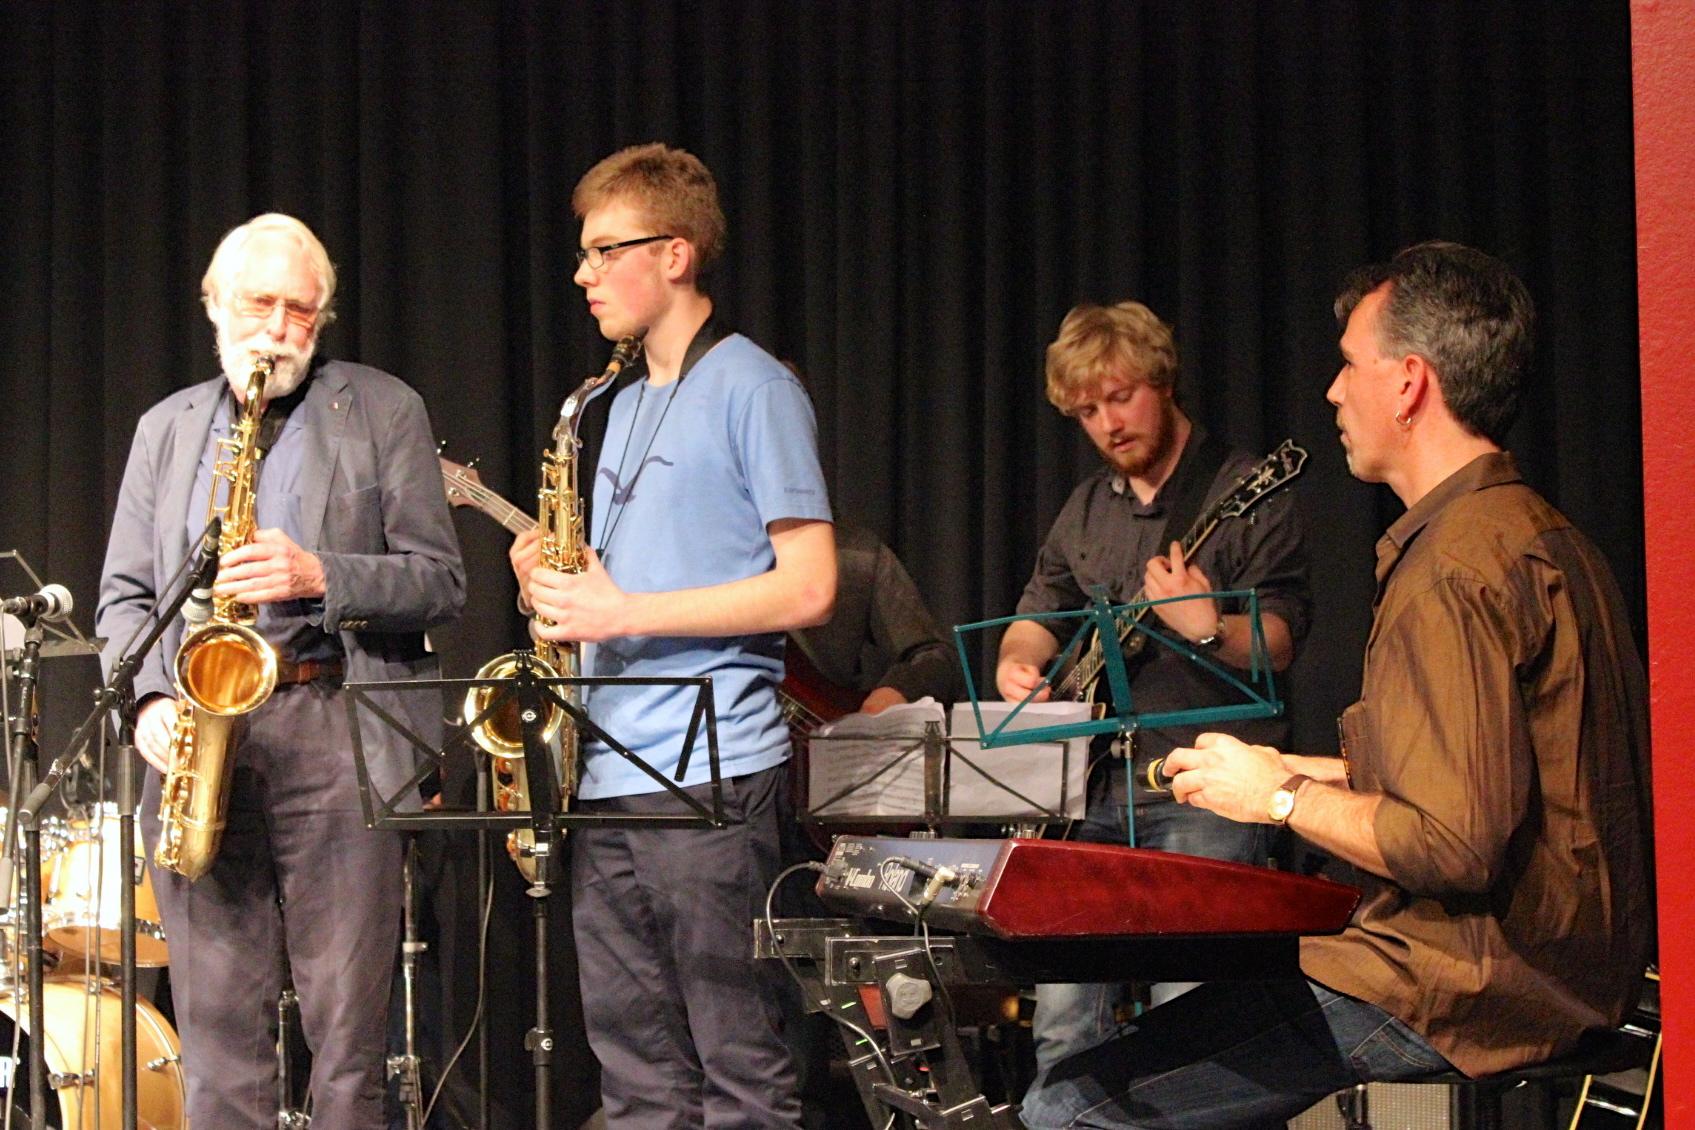 Abschlusskonzert 2014, im Marstall Ahrensburg